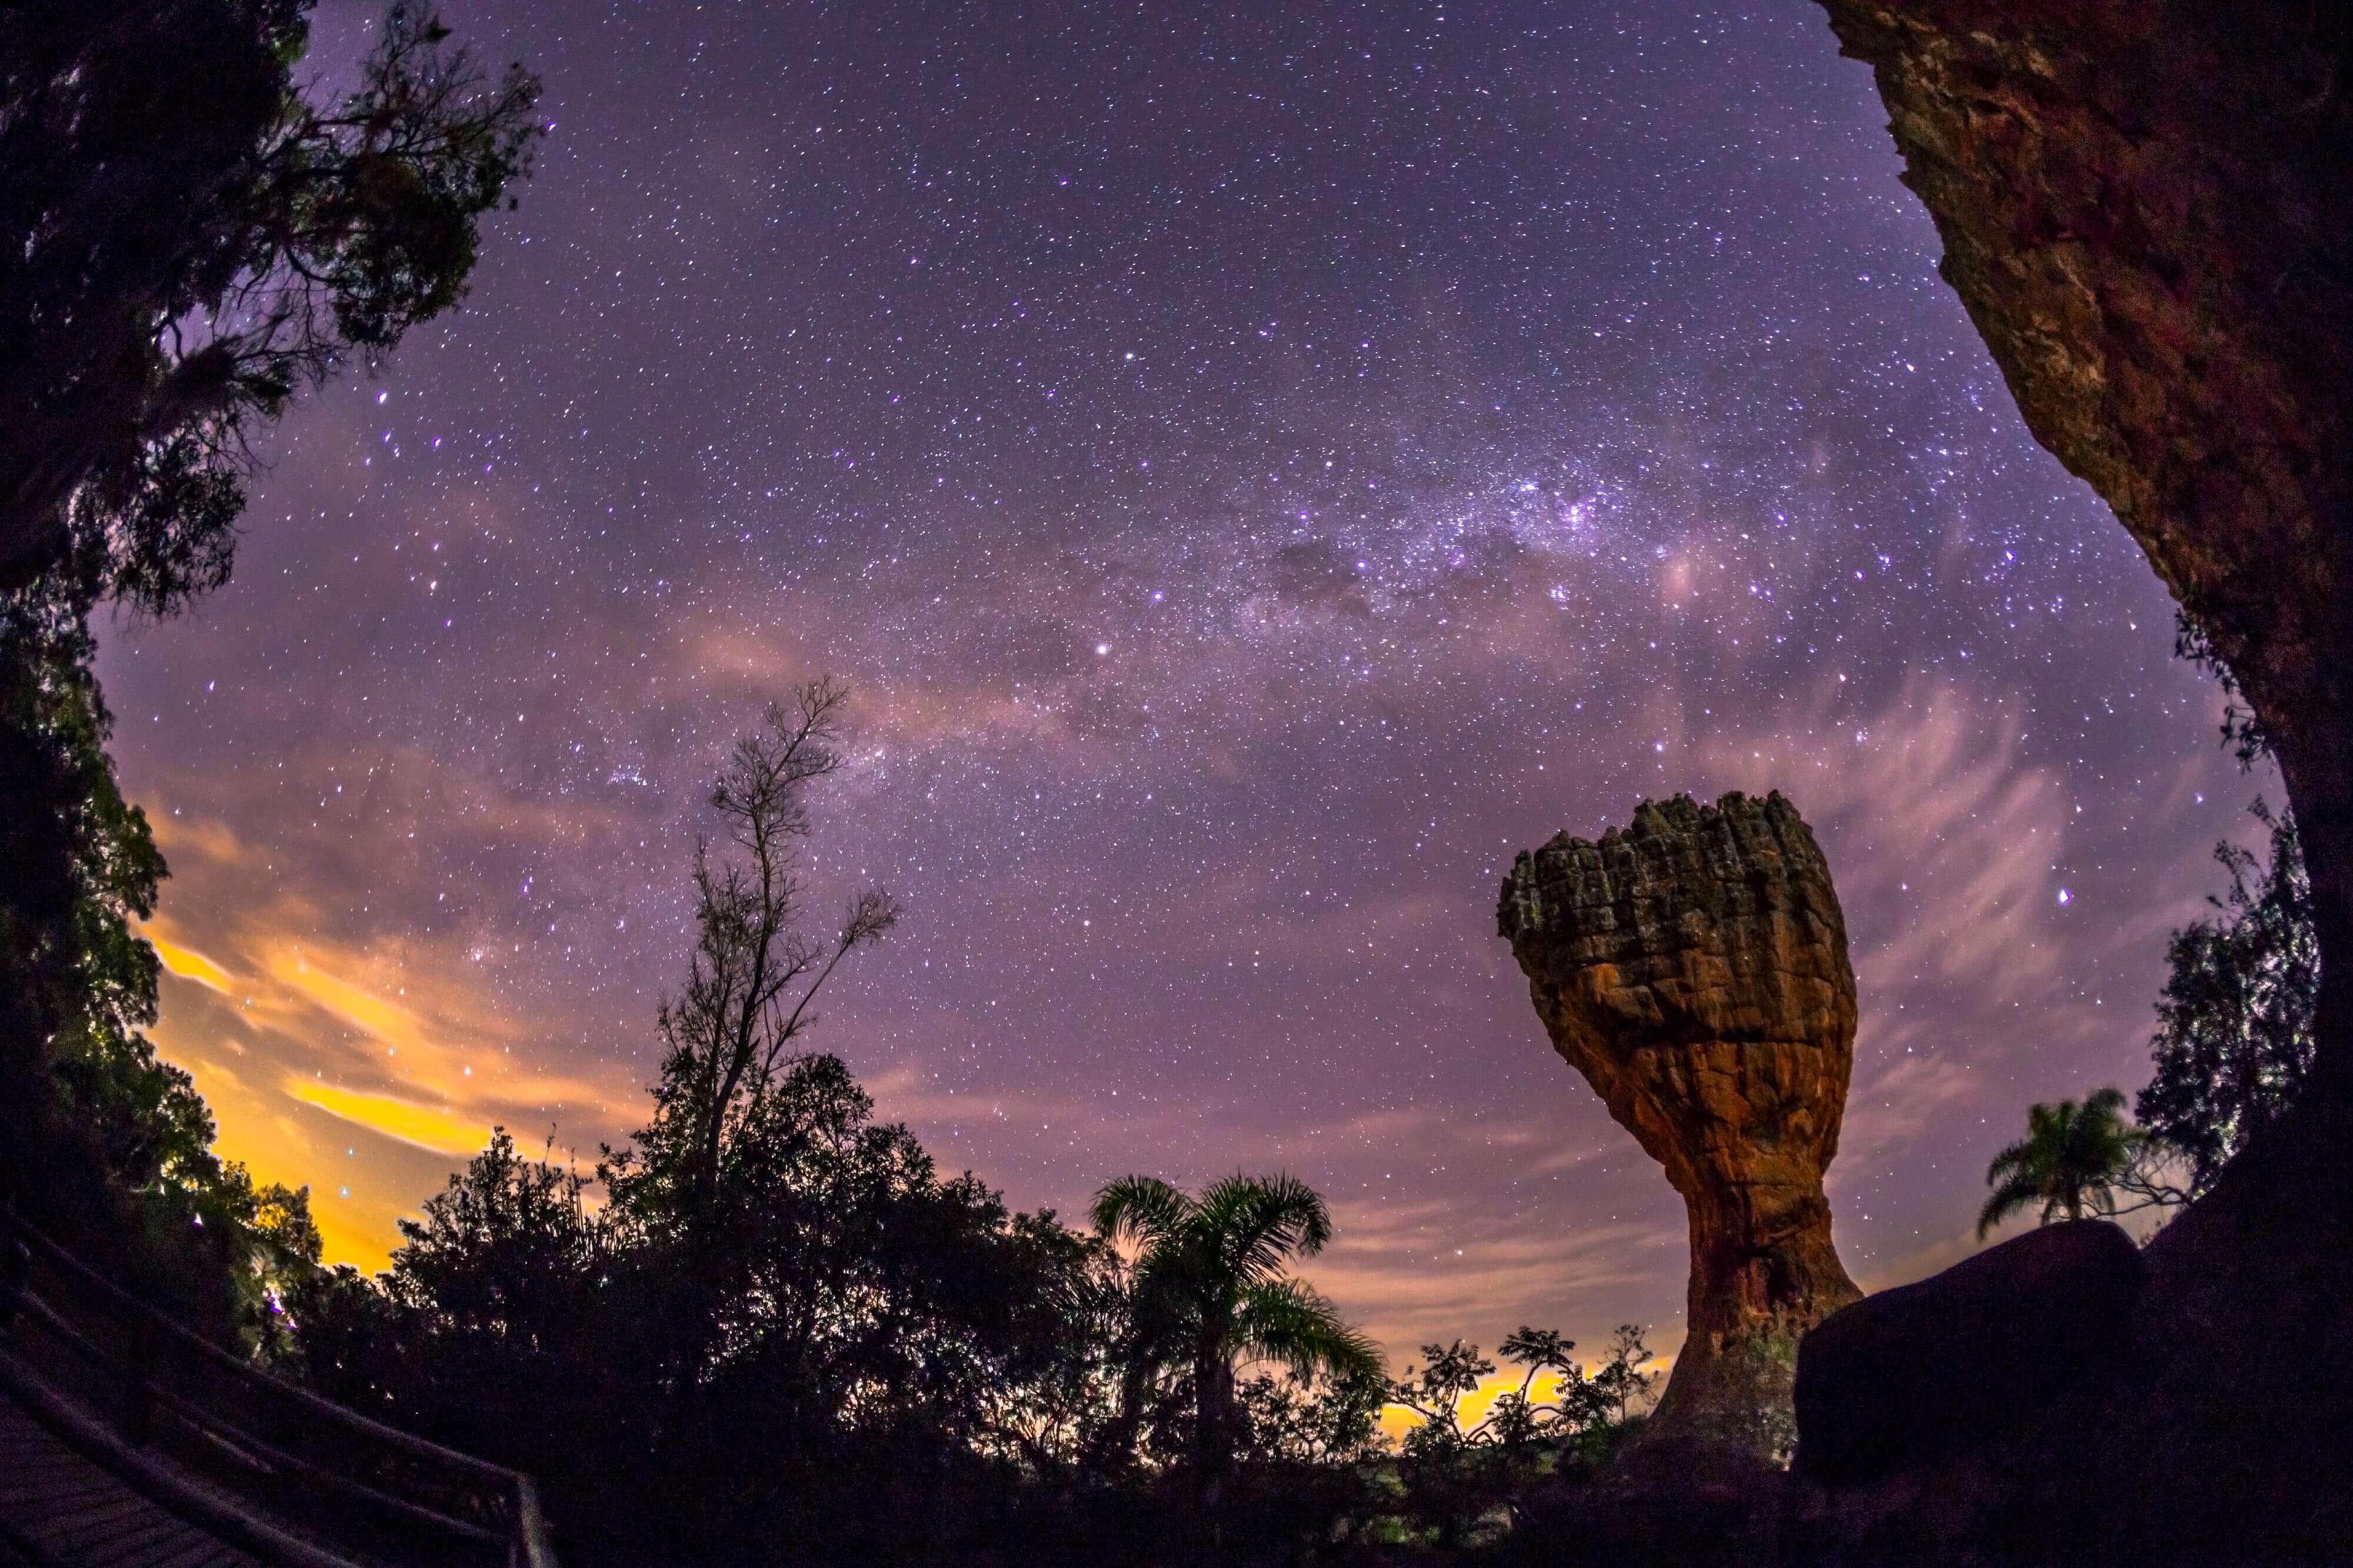 Constelações a noite no parque vila velha